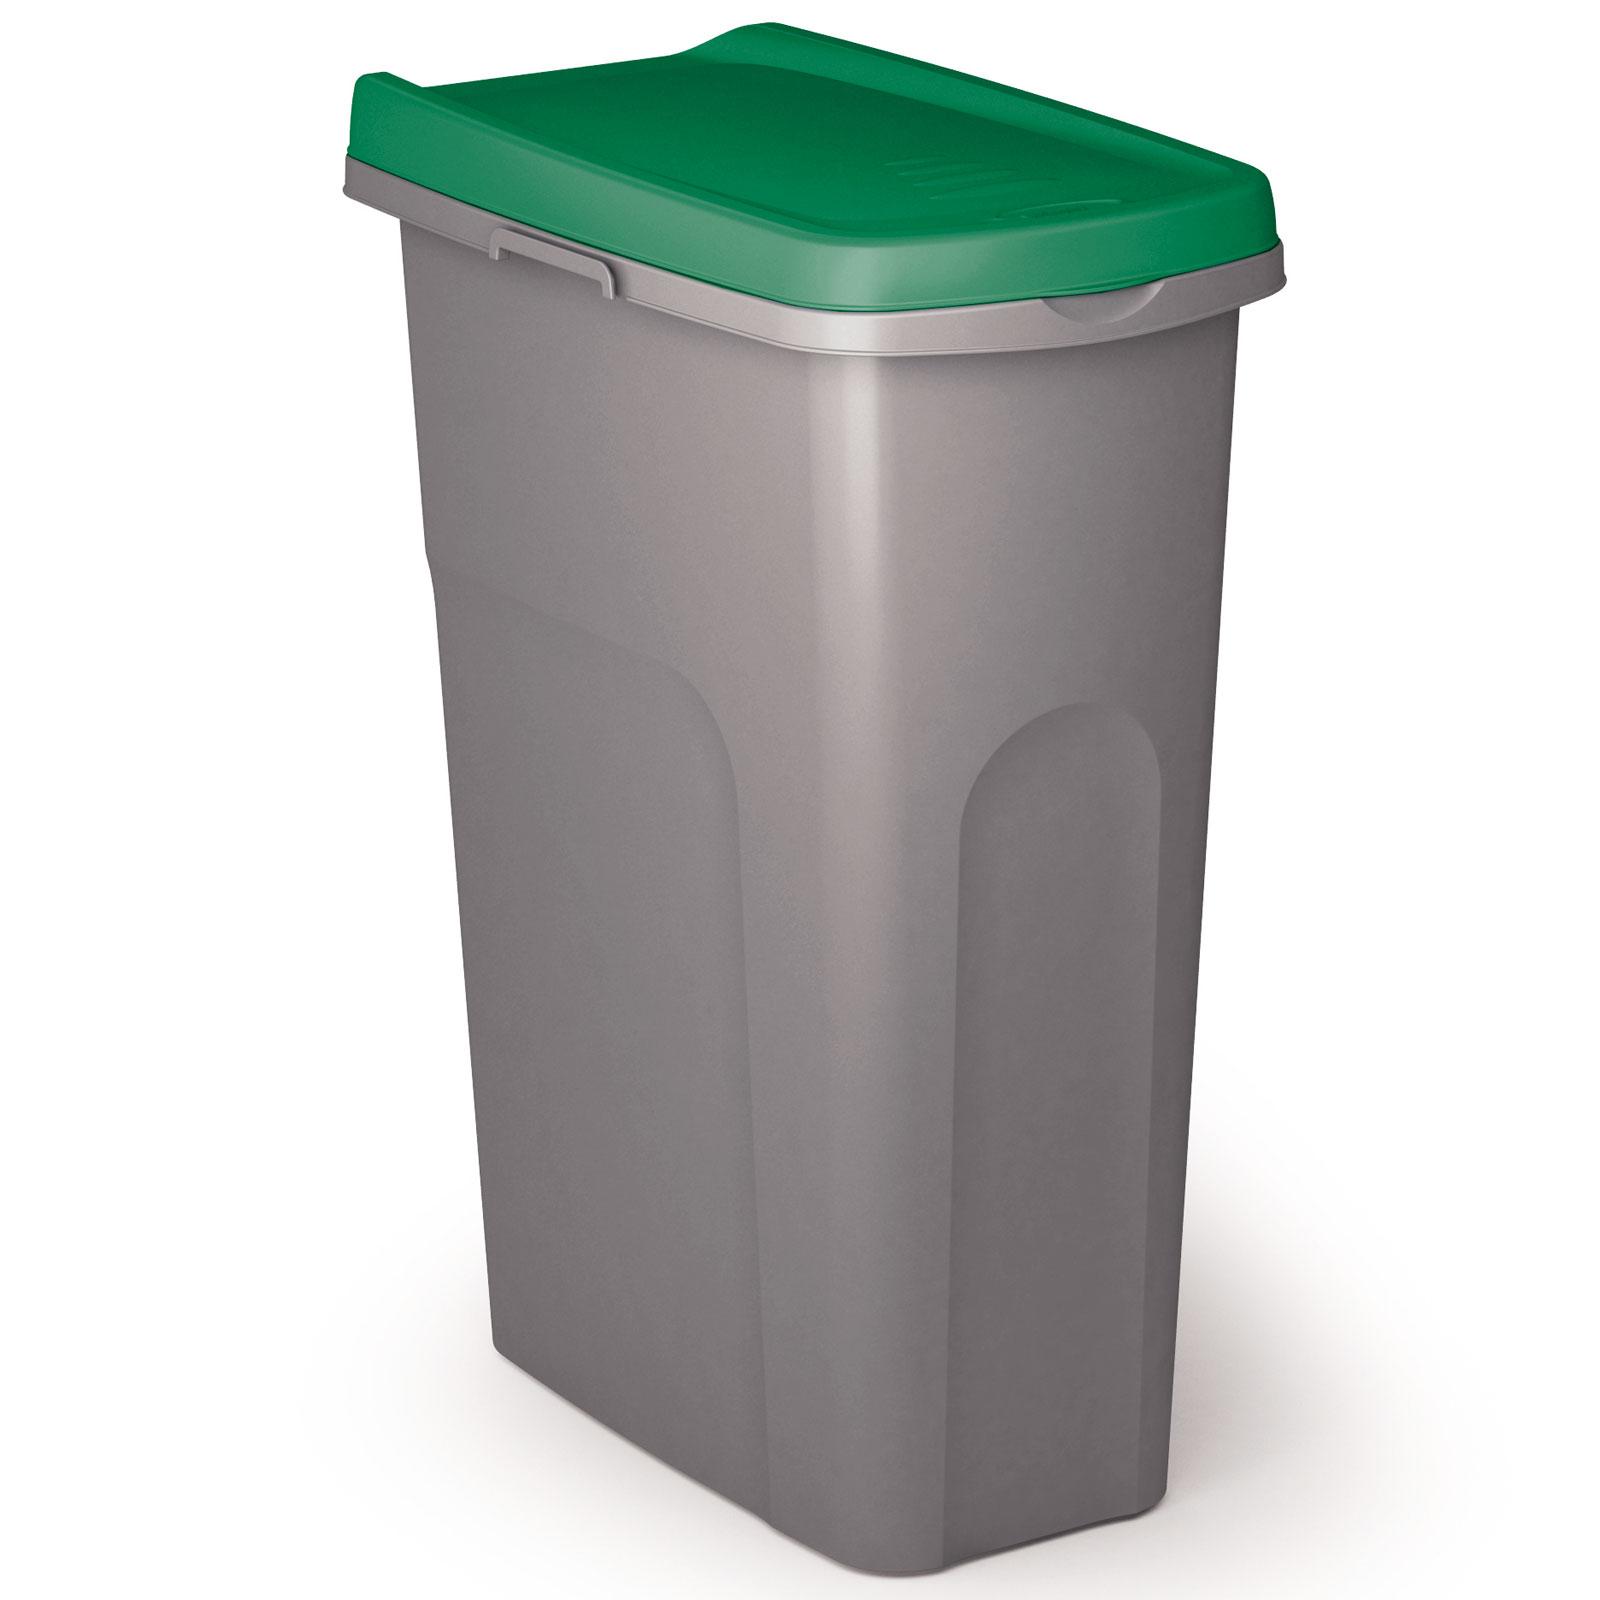 Mülleimer 15-40 L Mülltonne Abfalleimer Deckel Papierkorb Abfallkorb Recycling